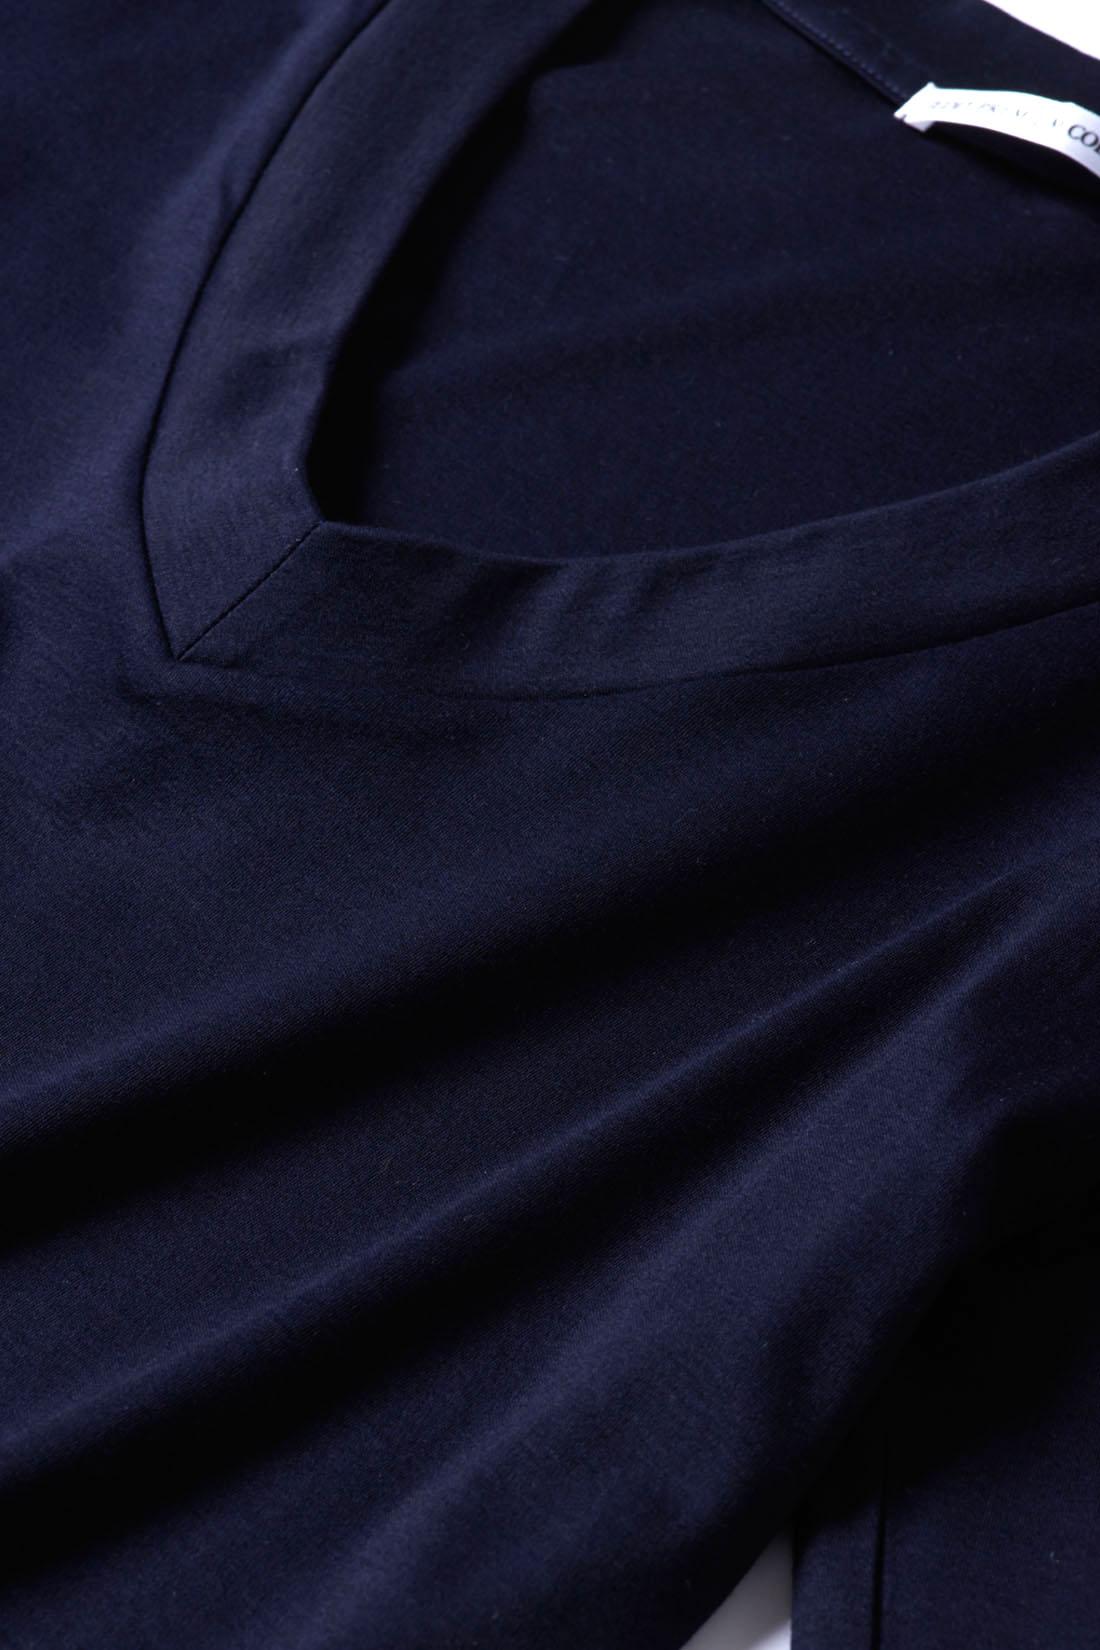 独特の滑らかな質感と美しい光沢のあるギザリヨセルコットン素材。